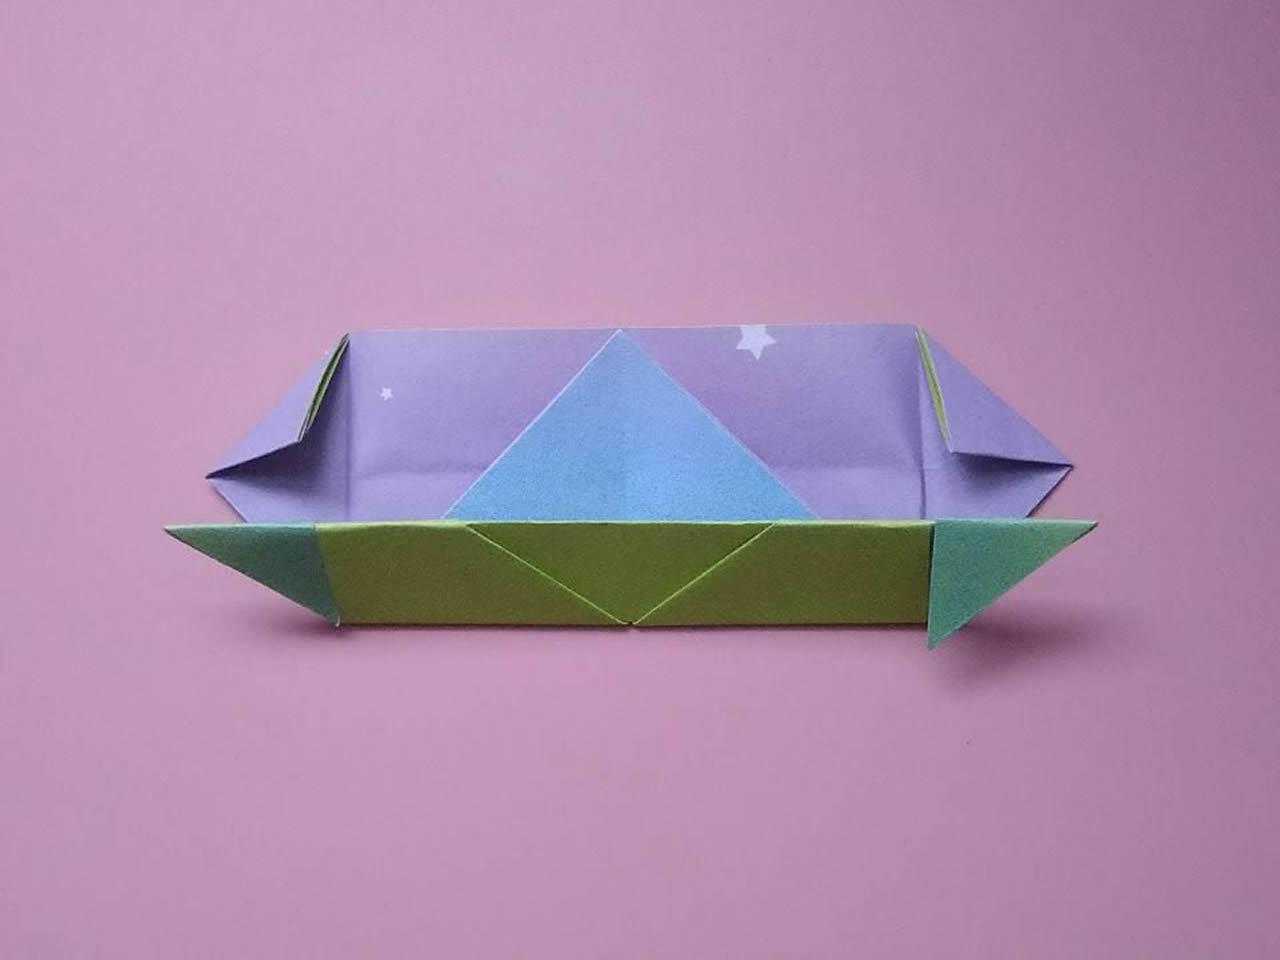 儿童折纸简单的小船折纸教程图解_学习啦